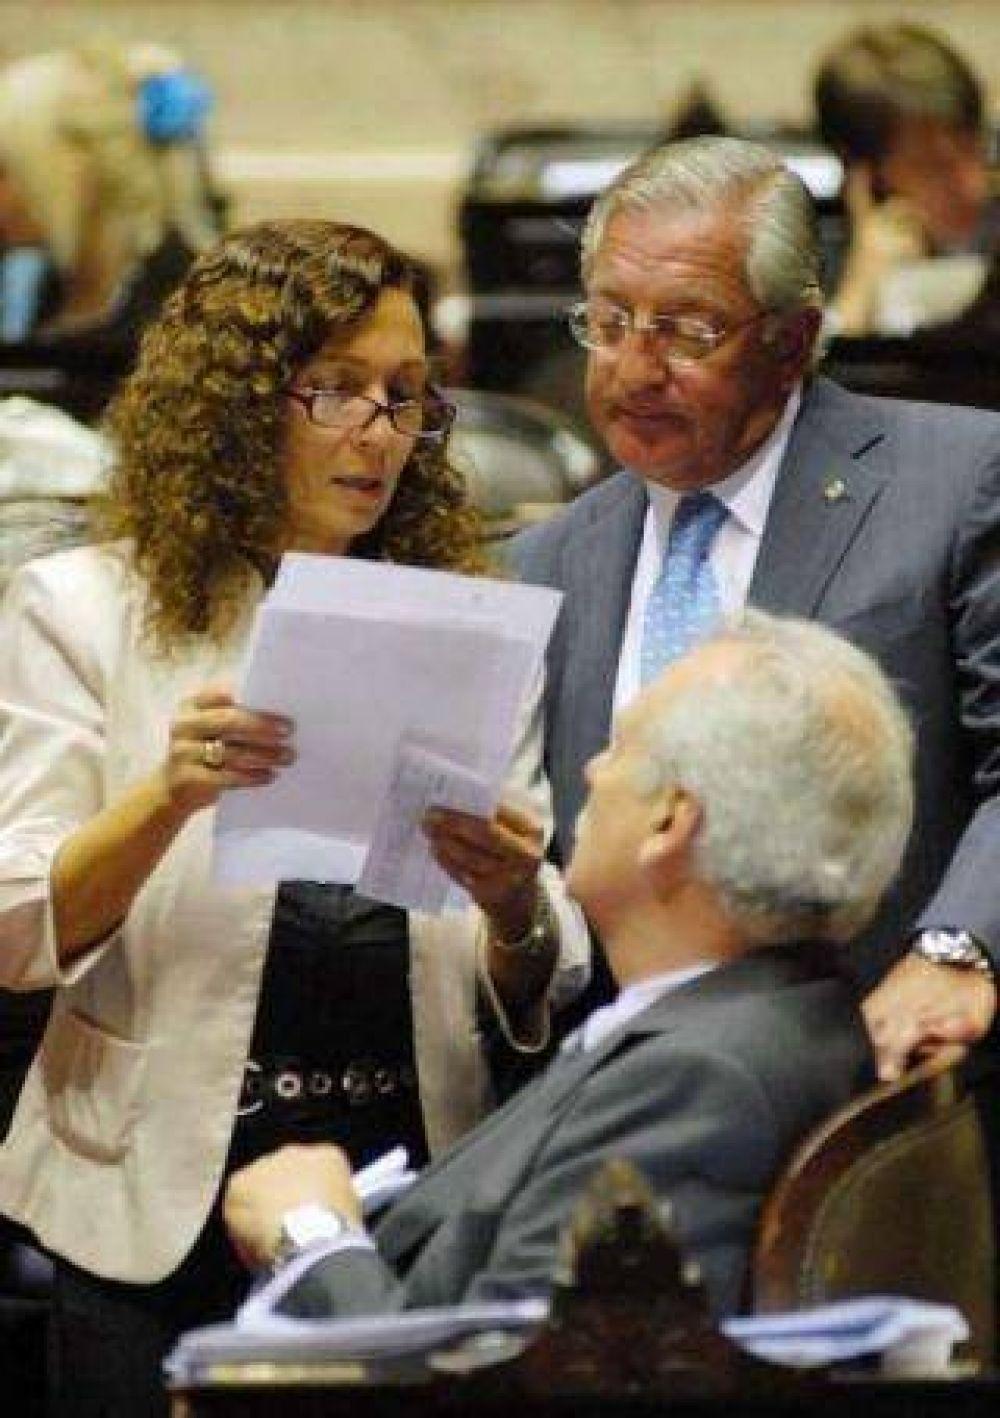 El kirchnerismo negocia: Fellner llama a reunión a los jefes de bloques